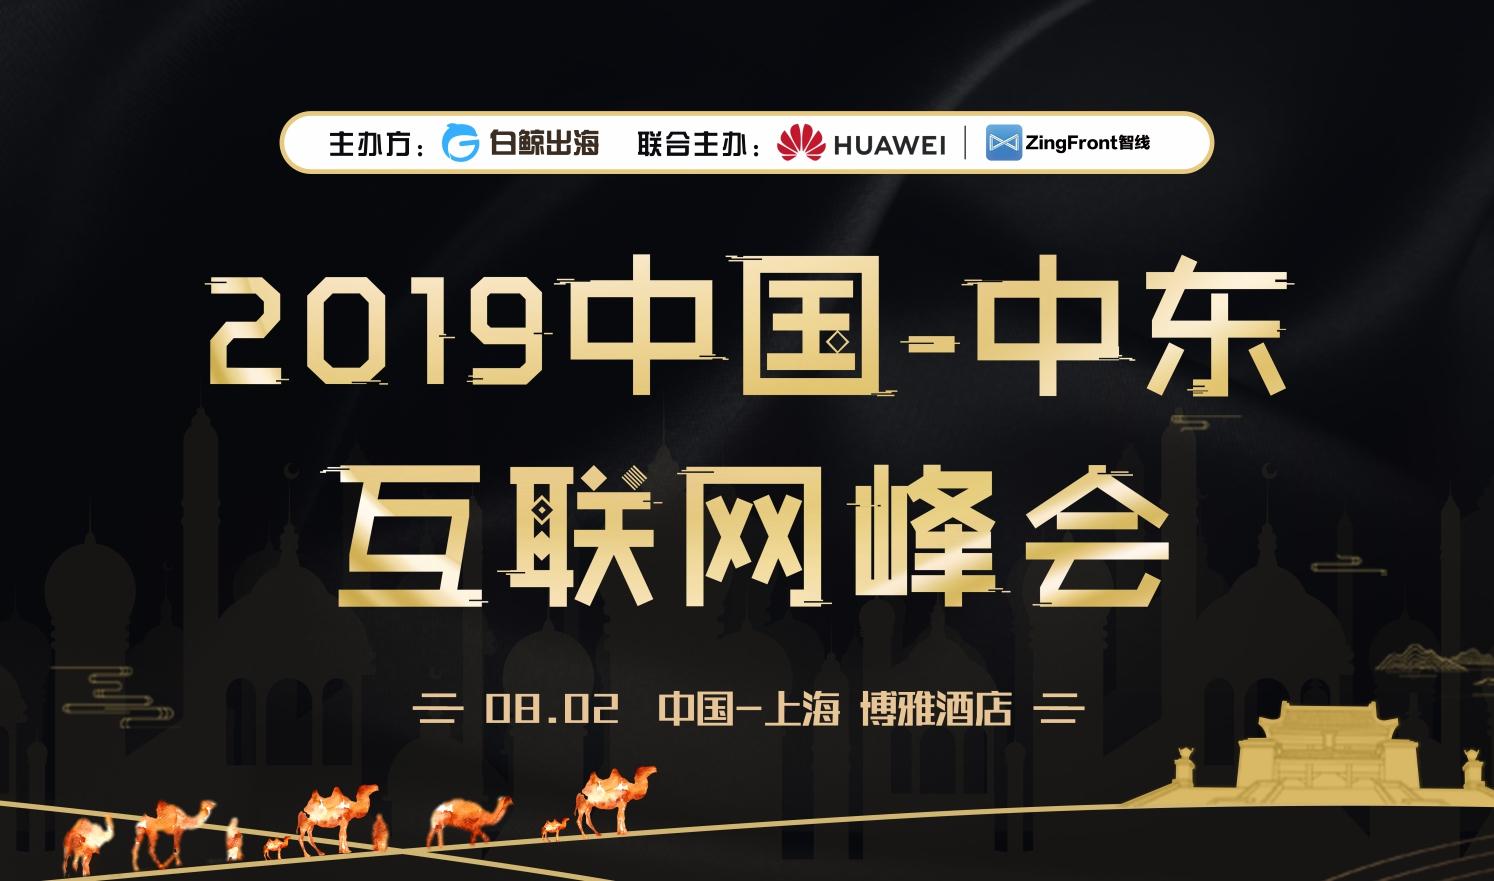 2019中国-中东互联网峰会 - 移动互联网出海,出海服务,海外的行业服务平台 - Enjoy出海